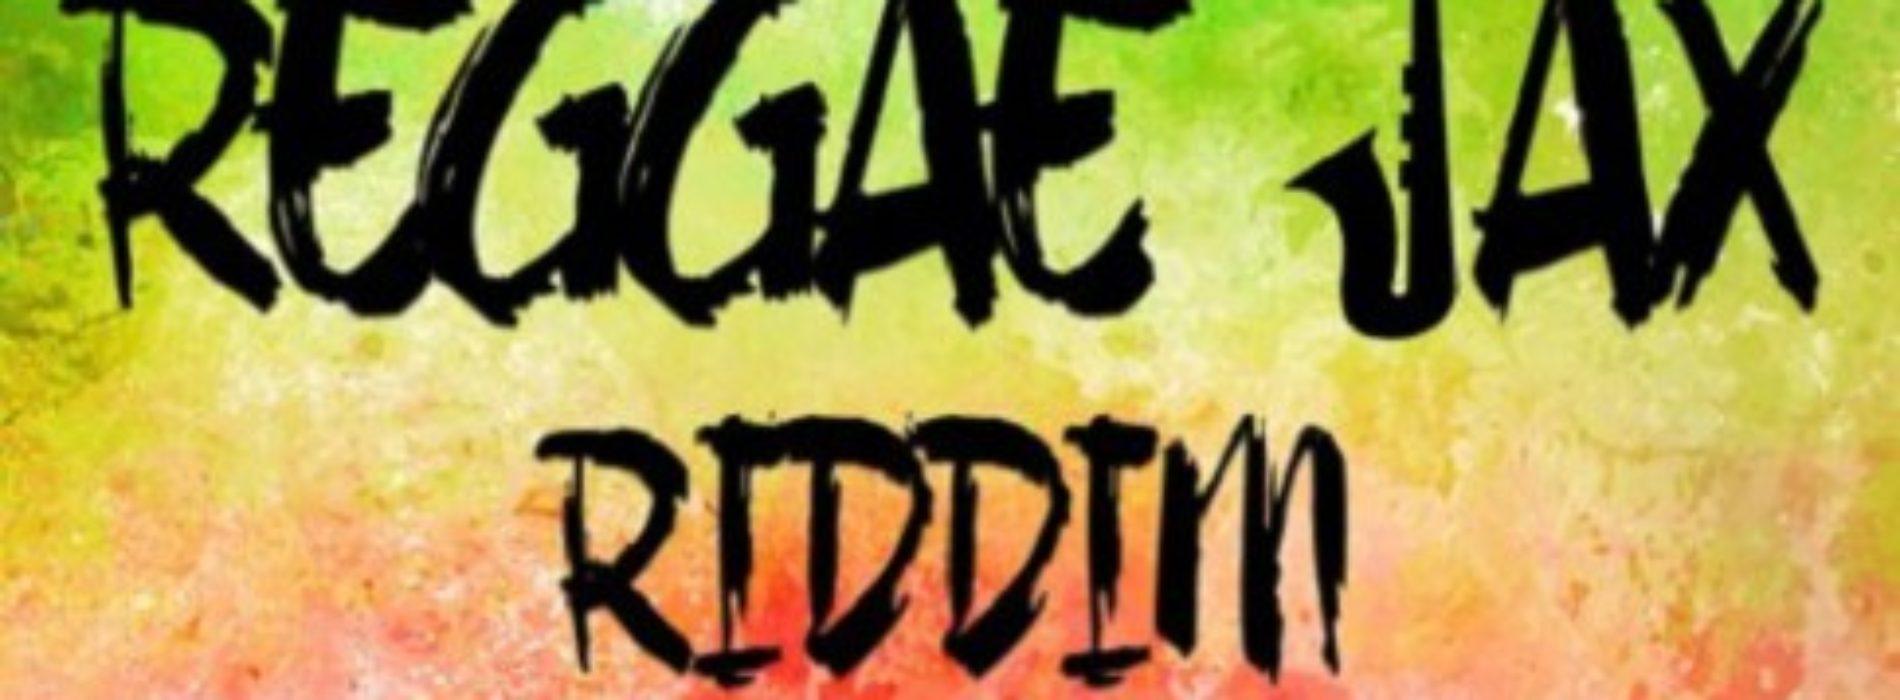 Reggae Sax Riddim Medley 2018 (Official Video) – Octobre 2018